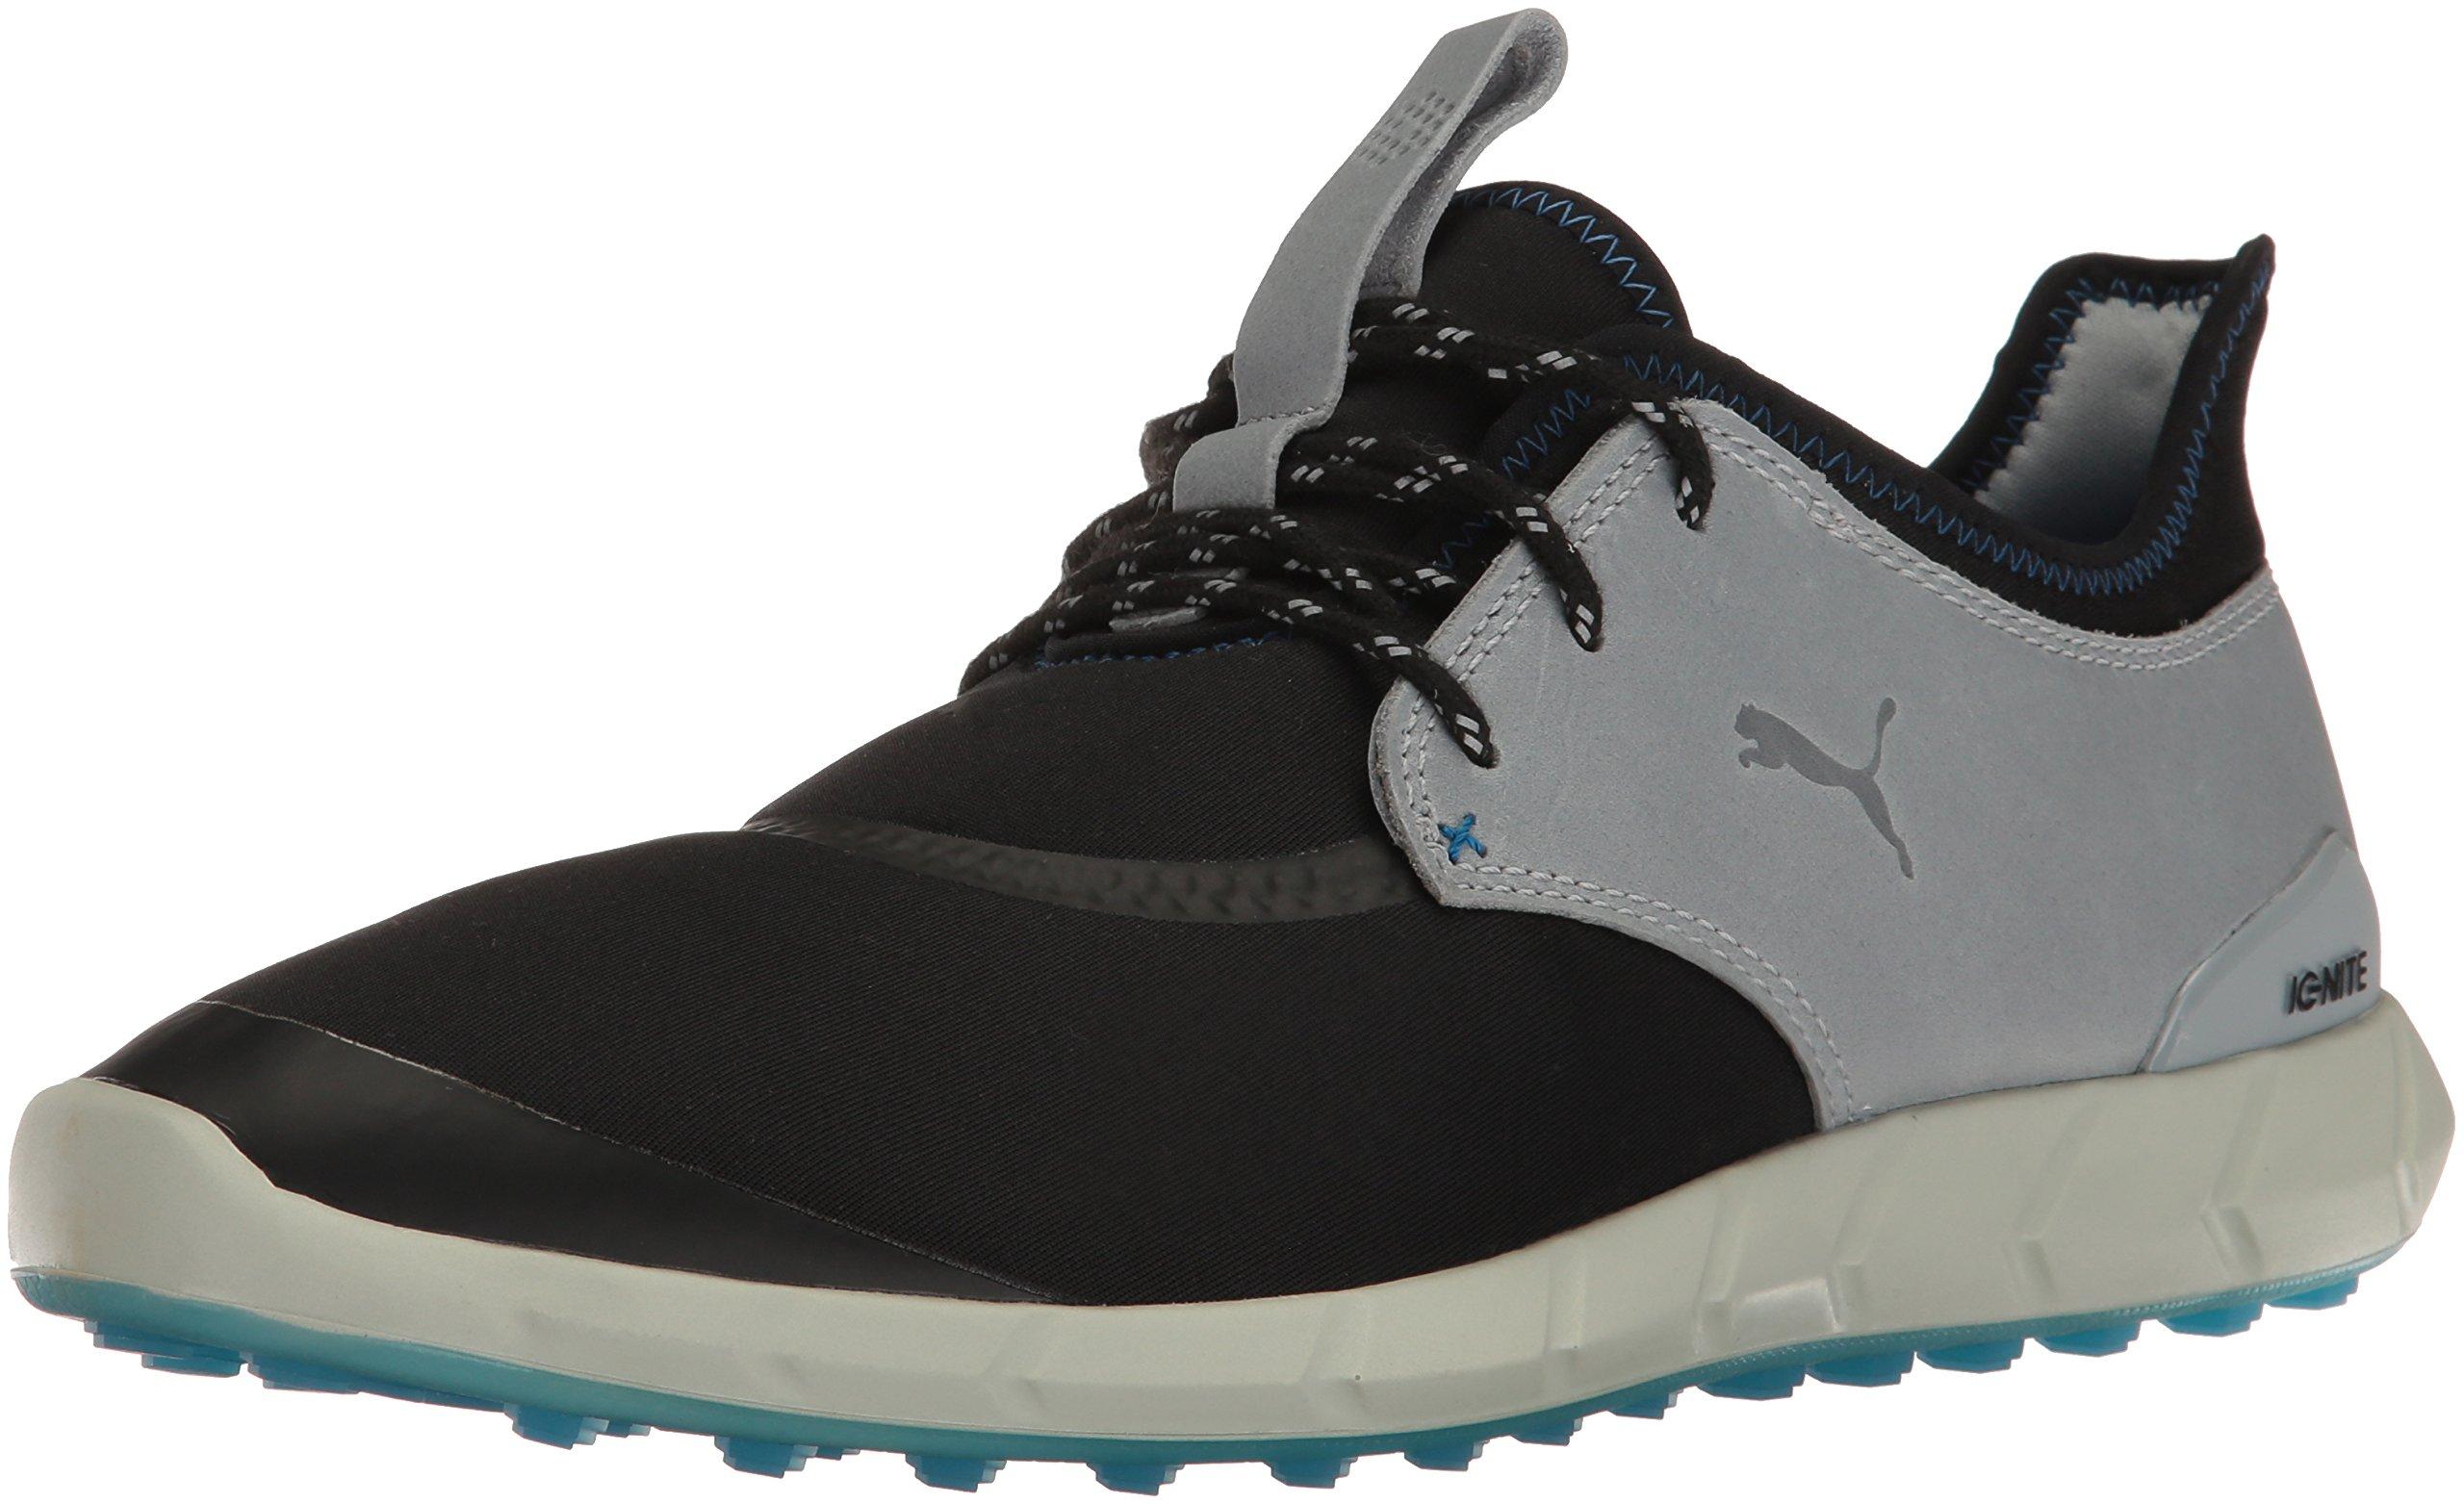 PUMA Men's Ignite Spikeless Sport Golf Shoe, Black-Quarry-French Blue, 9 Medium US